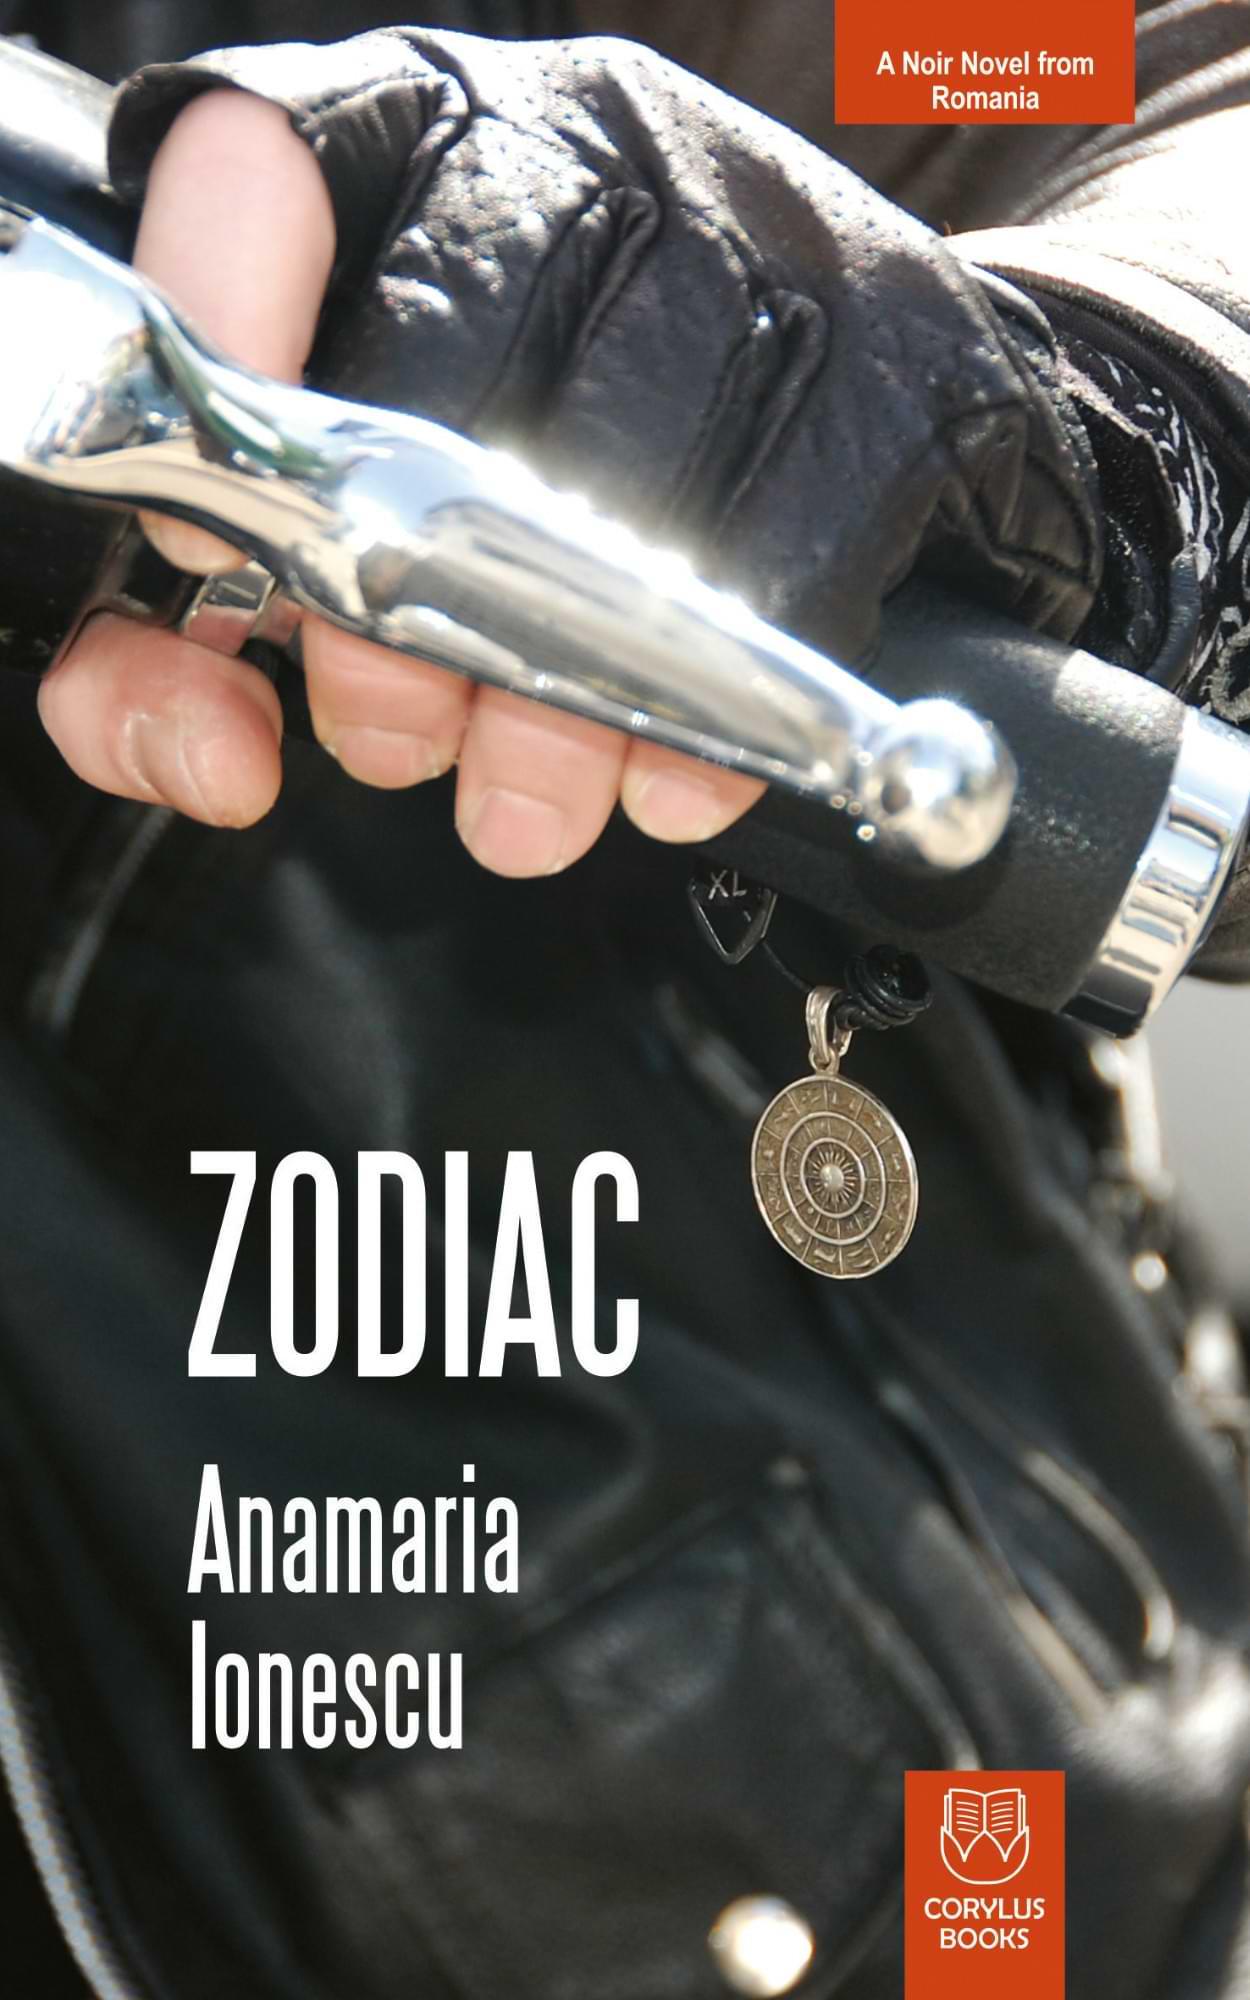 Zodiac by Anamaria Ionescu